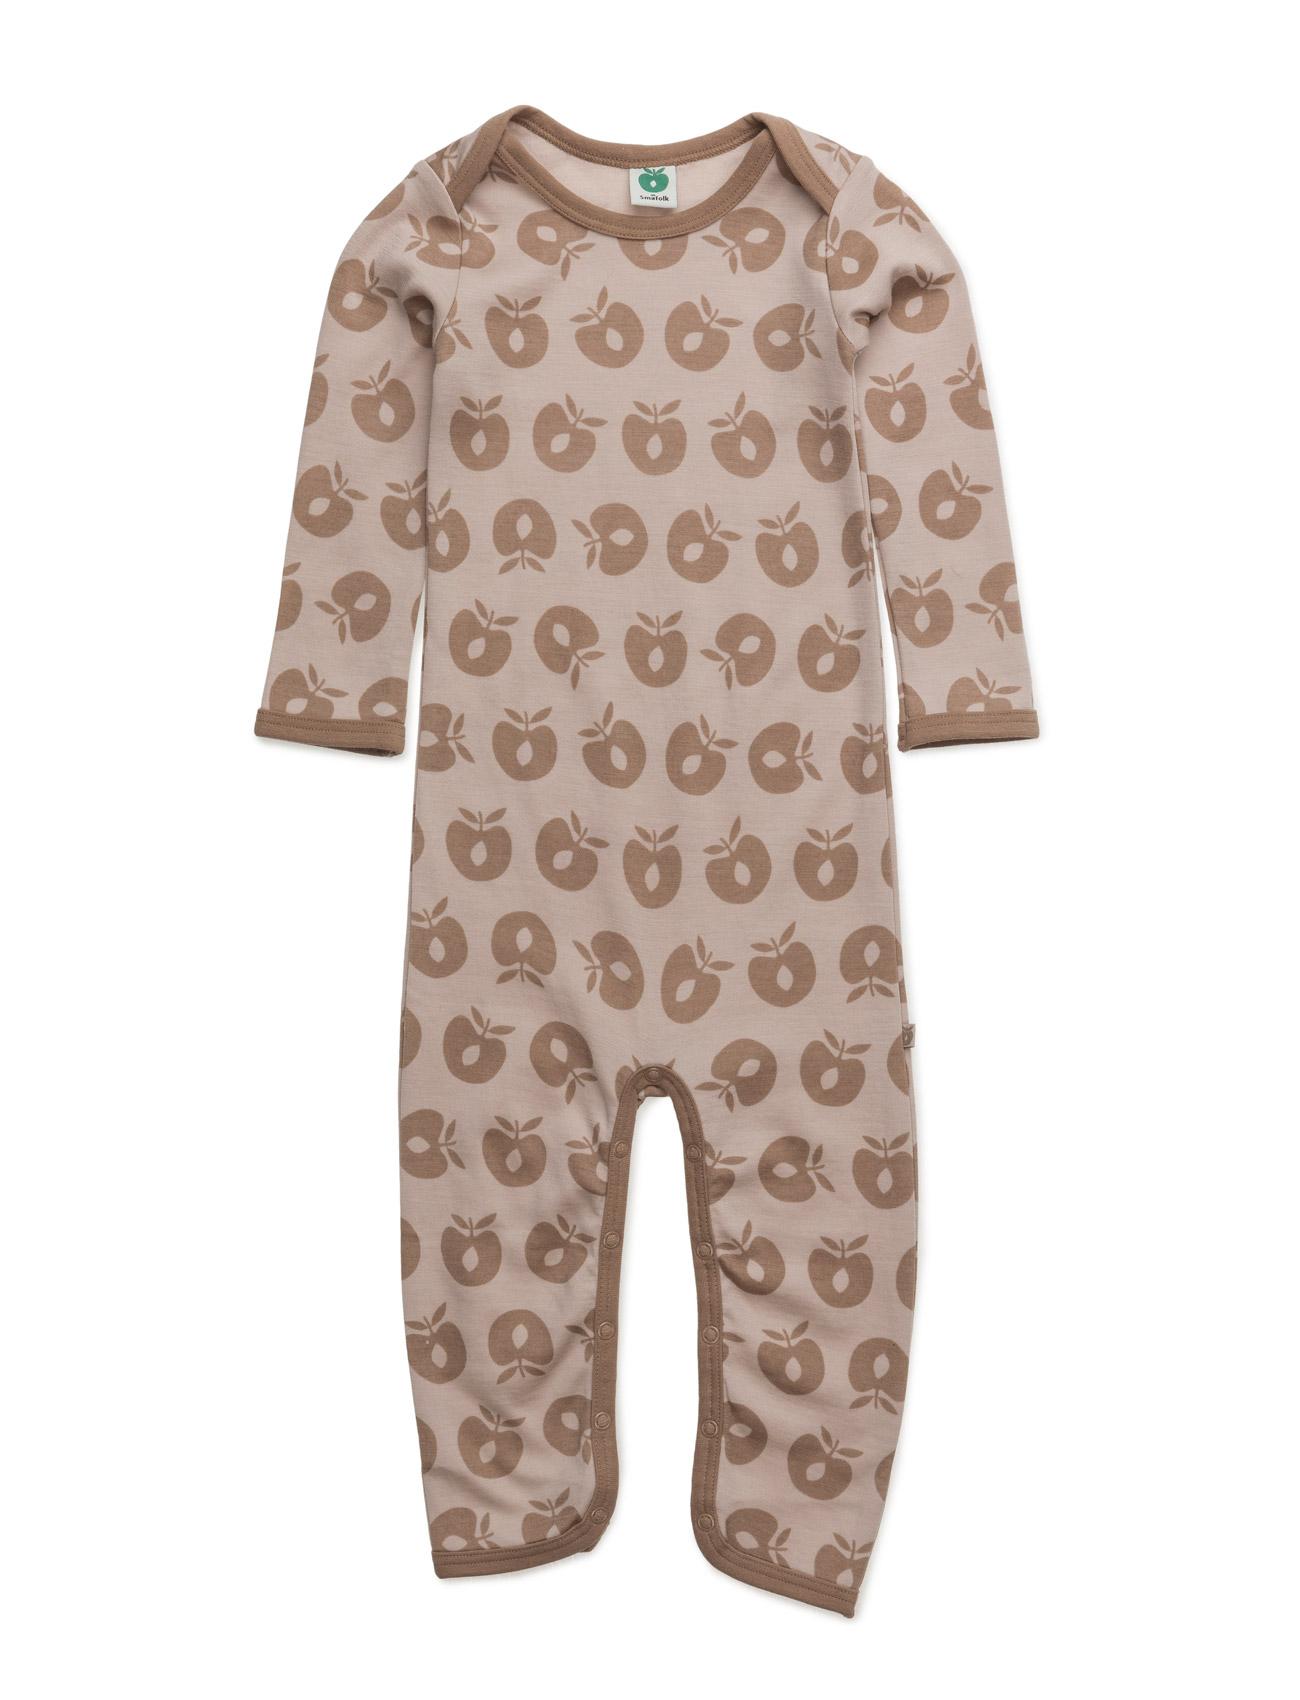 Body Suit Ls Wool. Apples Småfolk Langærmede bodies til Børn i